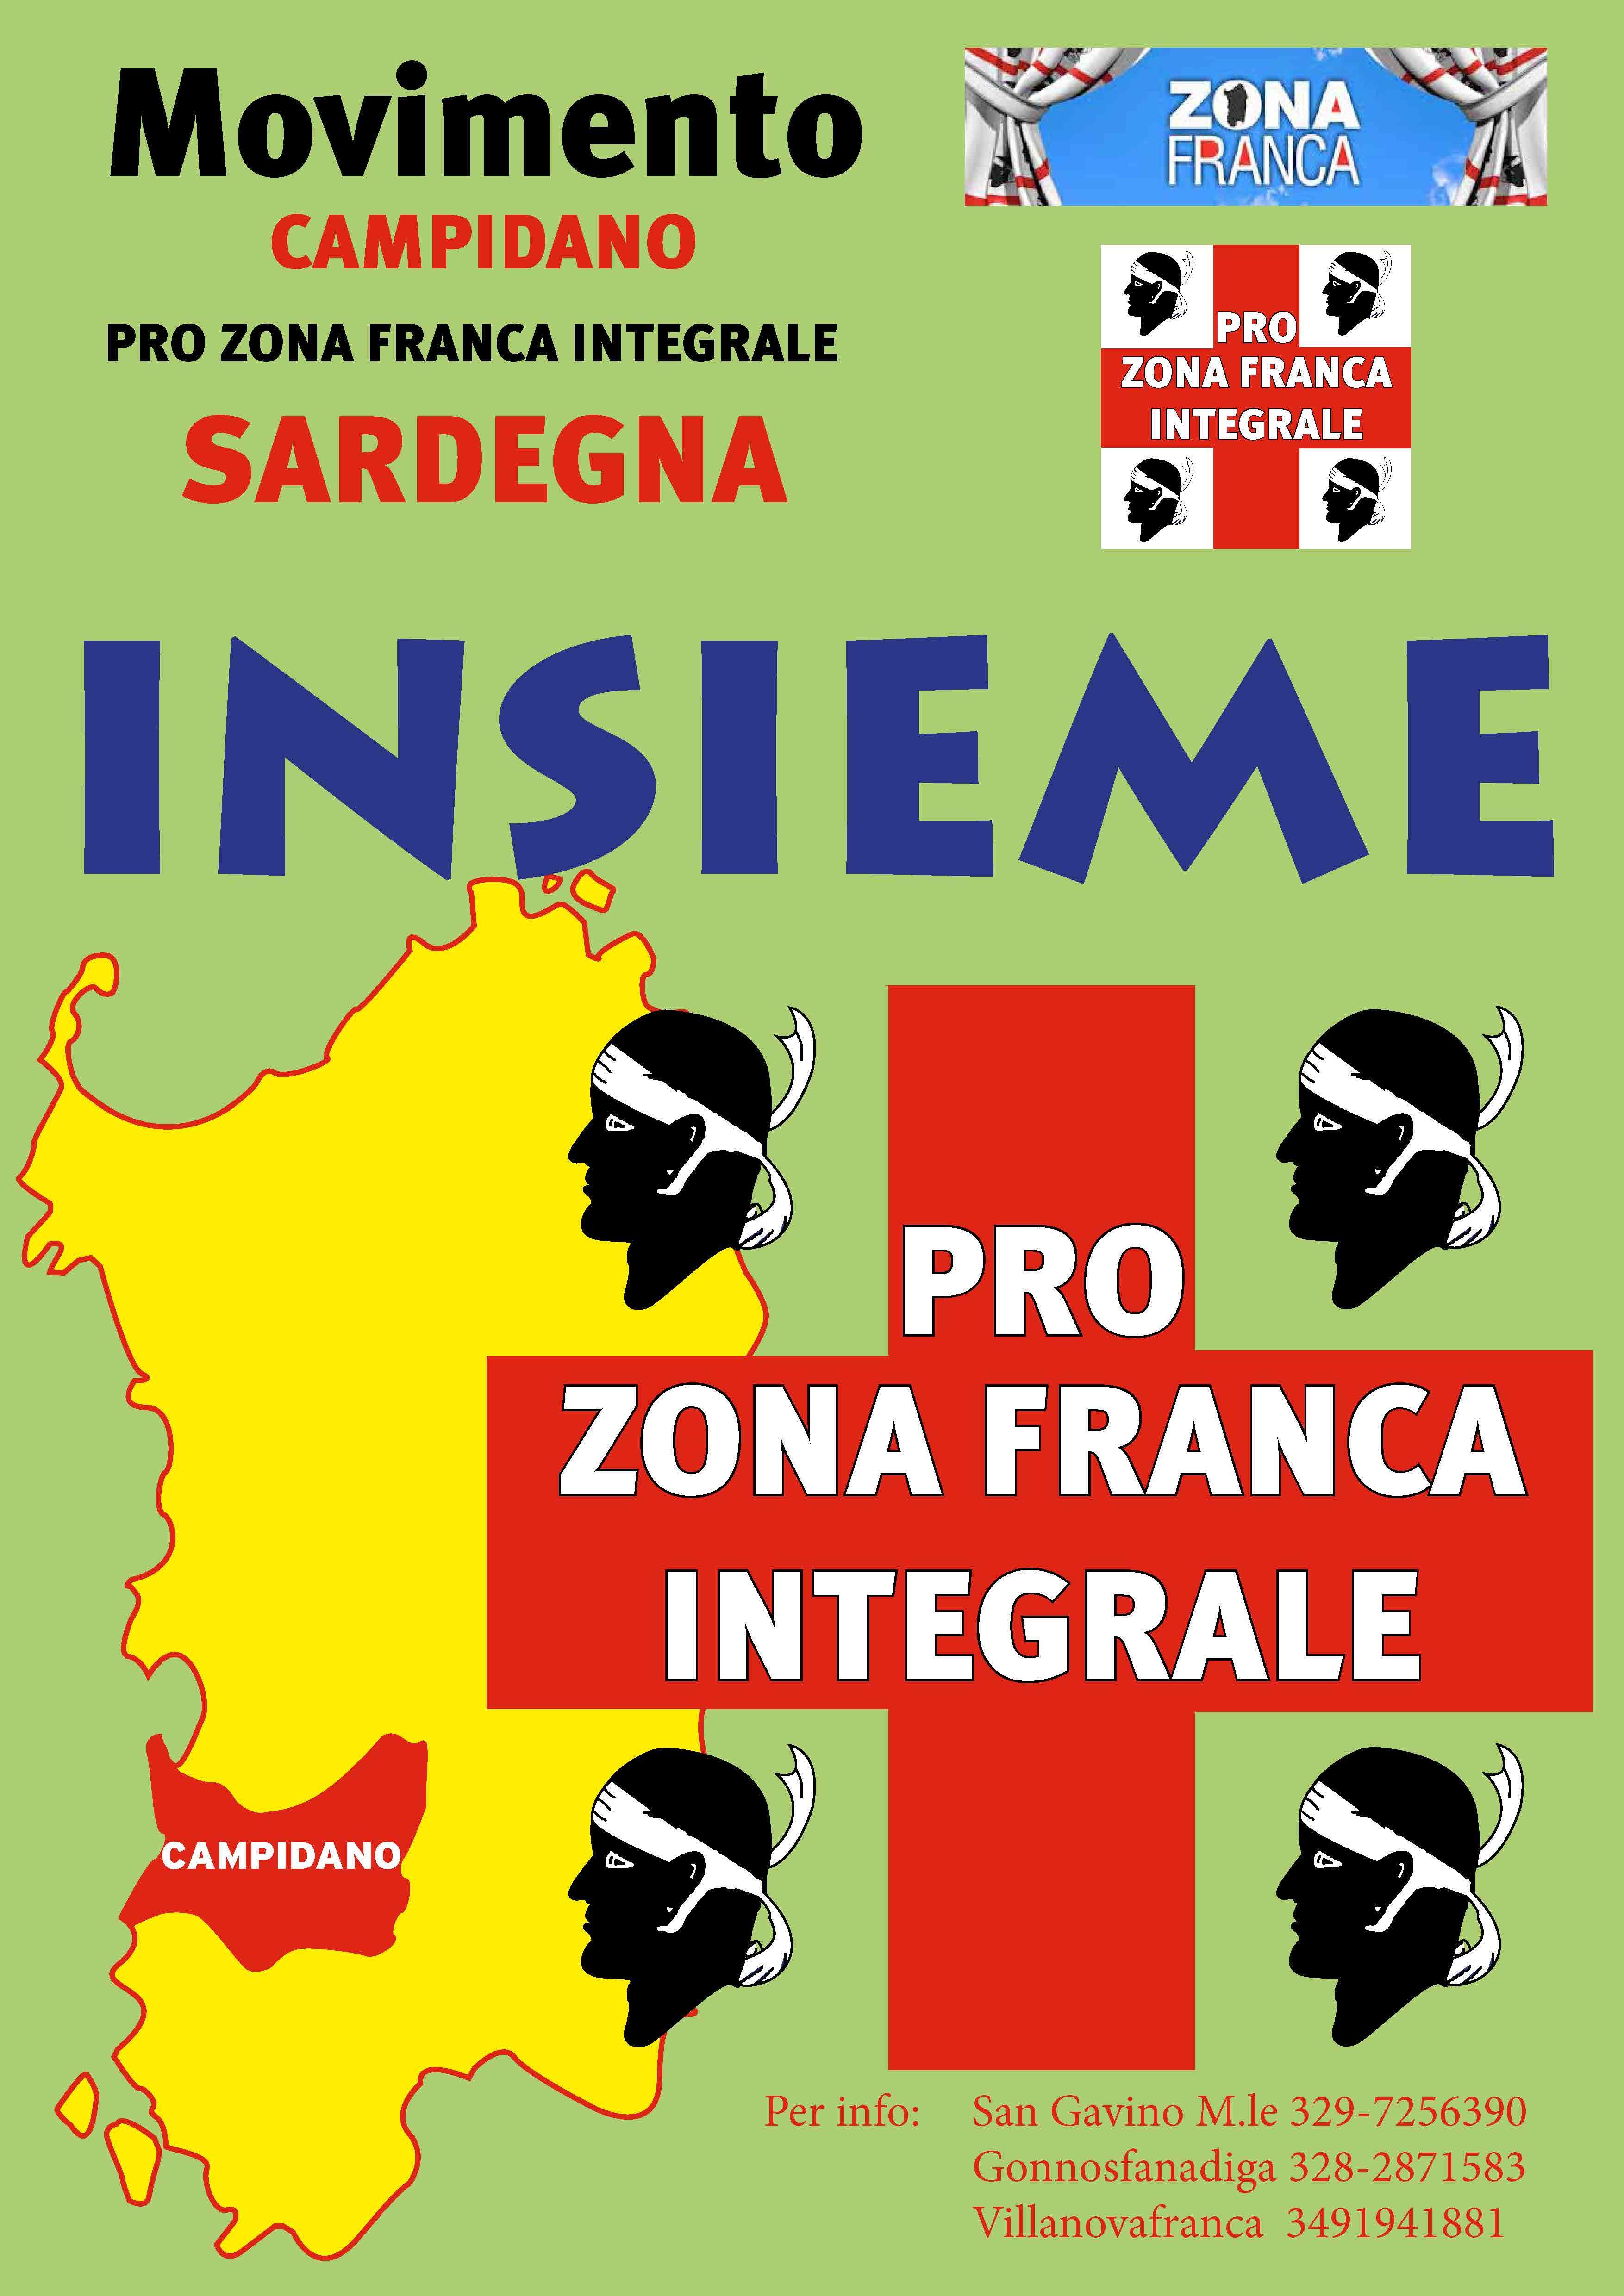 La locandina del Movimento Campidano Pro Zona Franca Integrale